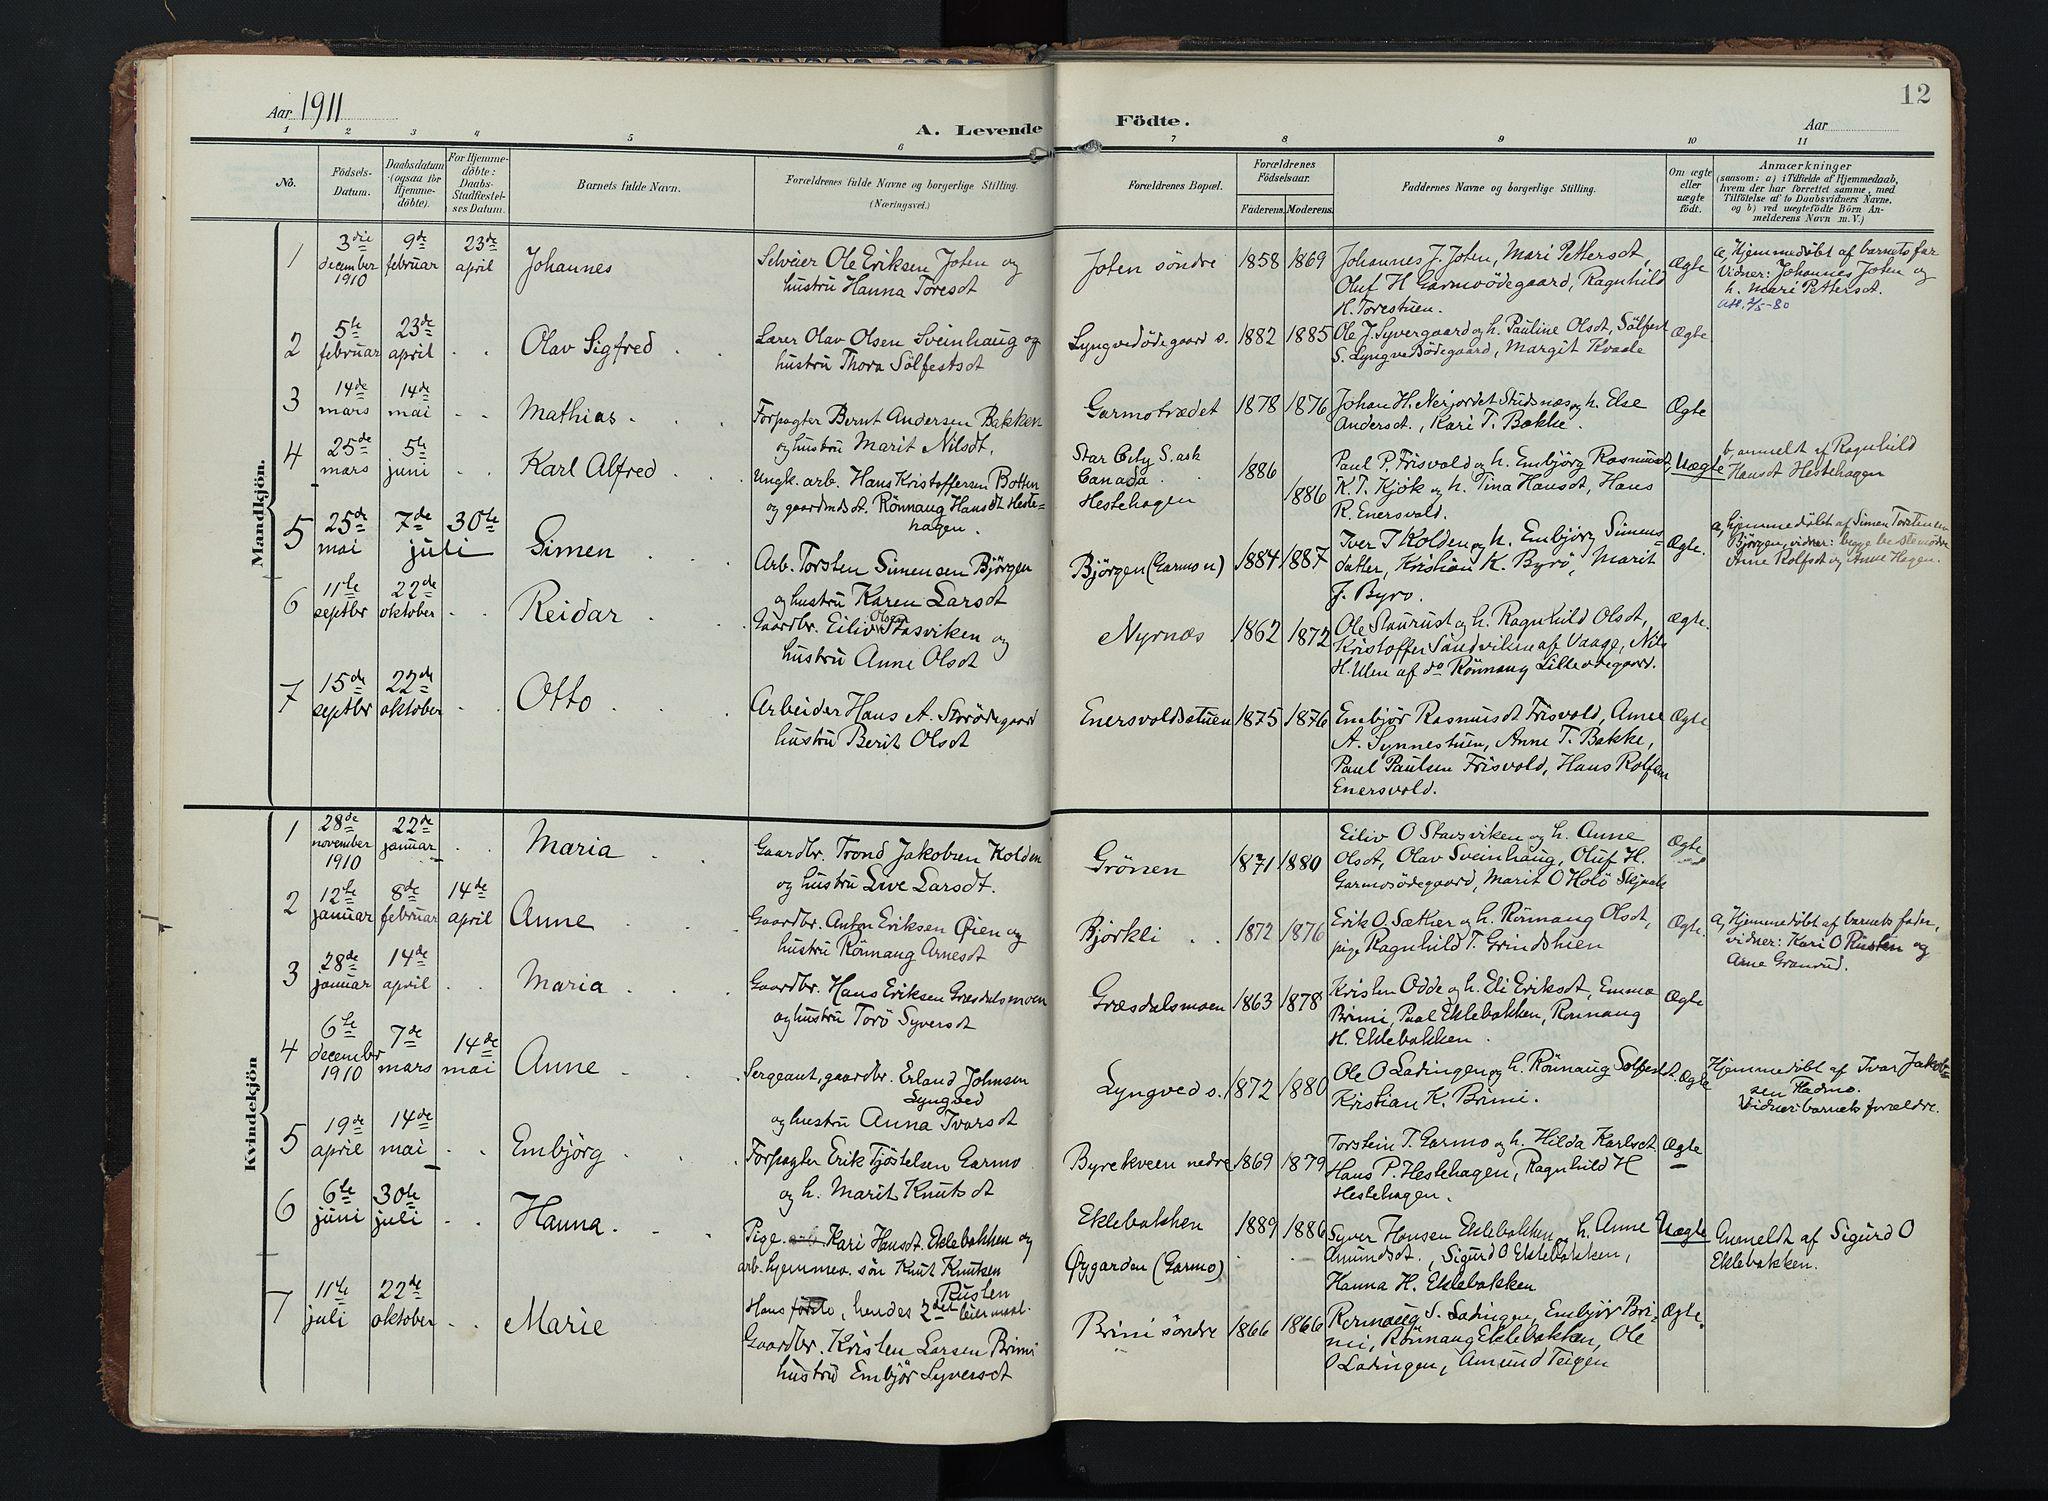 SAH, Lom prestekontor, K/L0011: Ministerialbok nr. 11, 1904-1928, s. 12